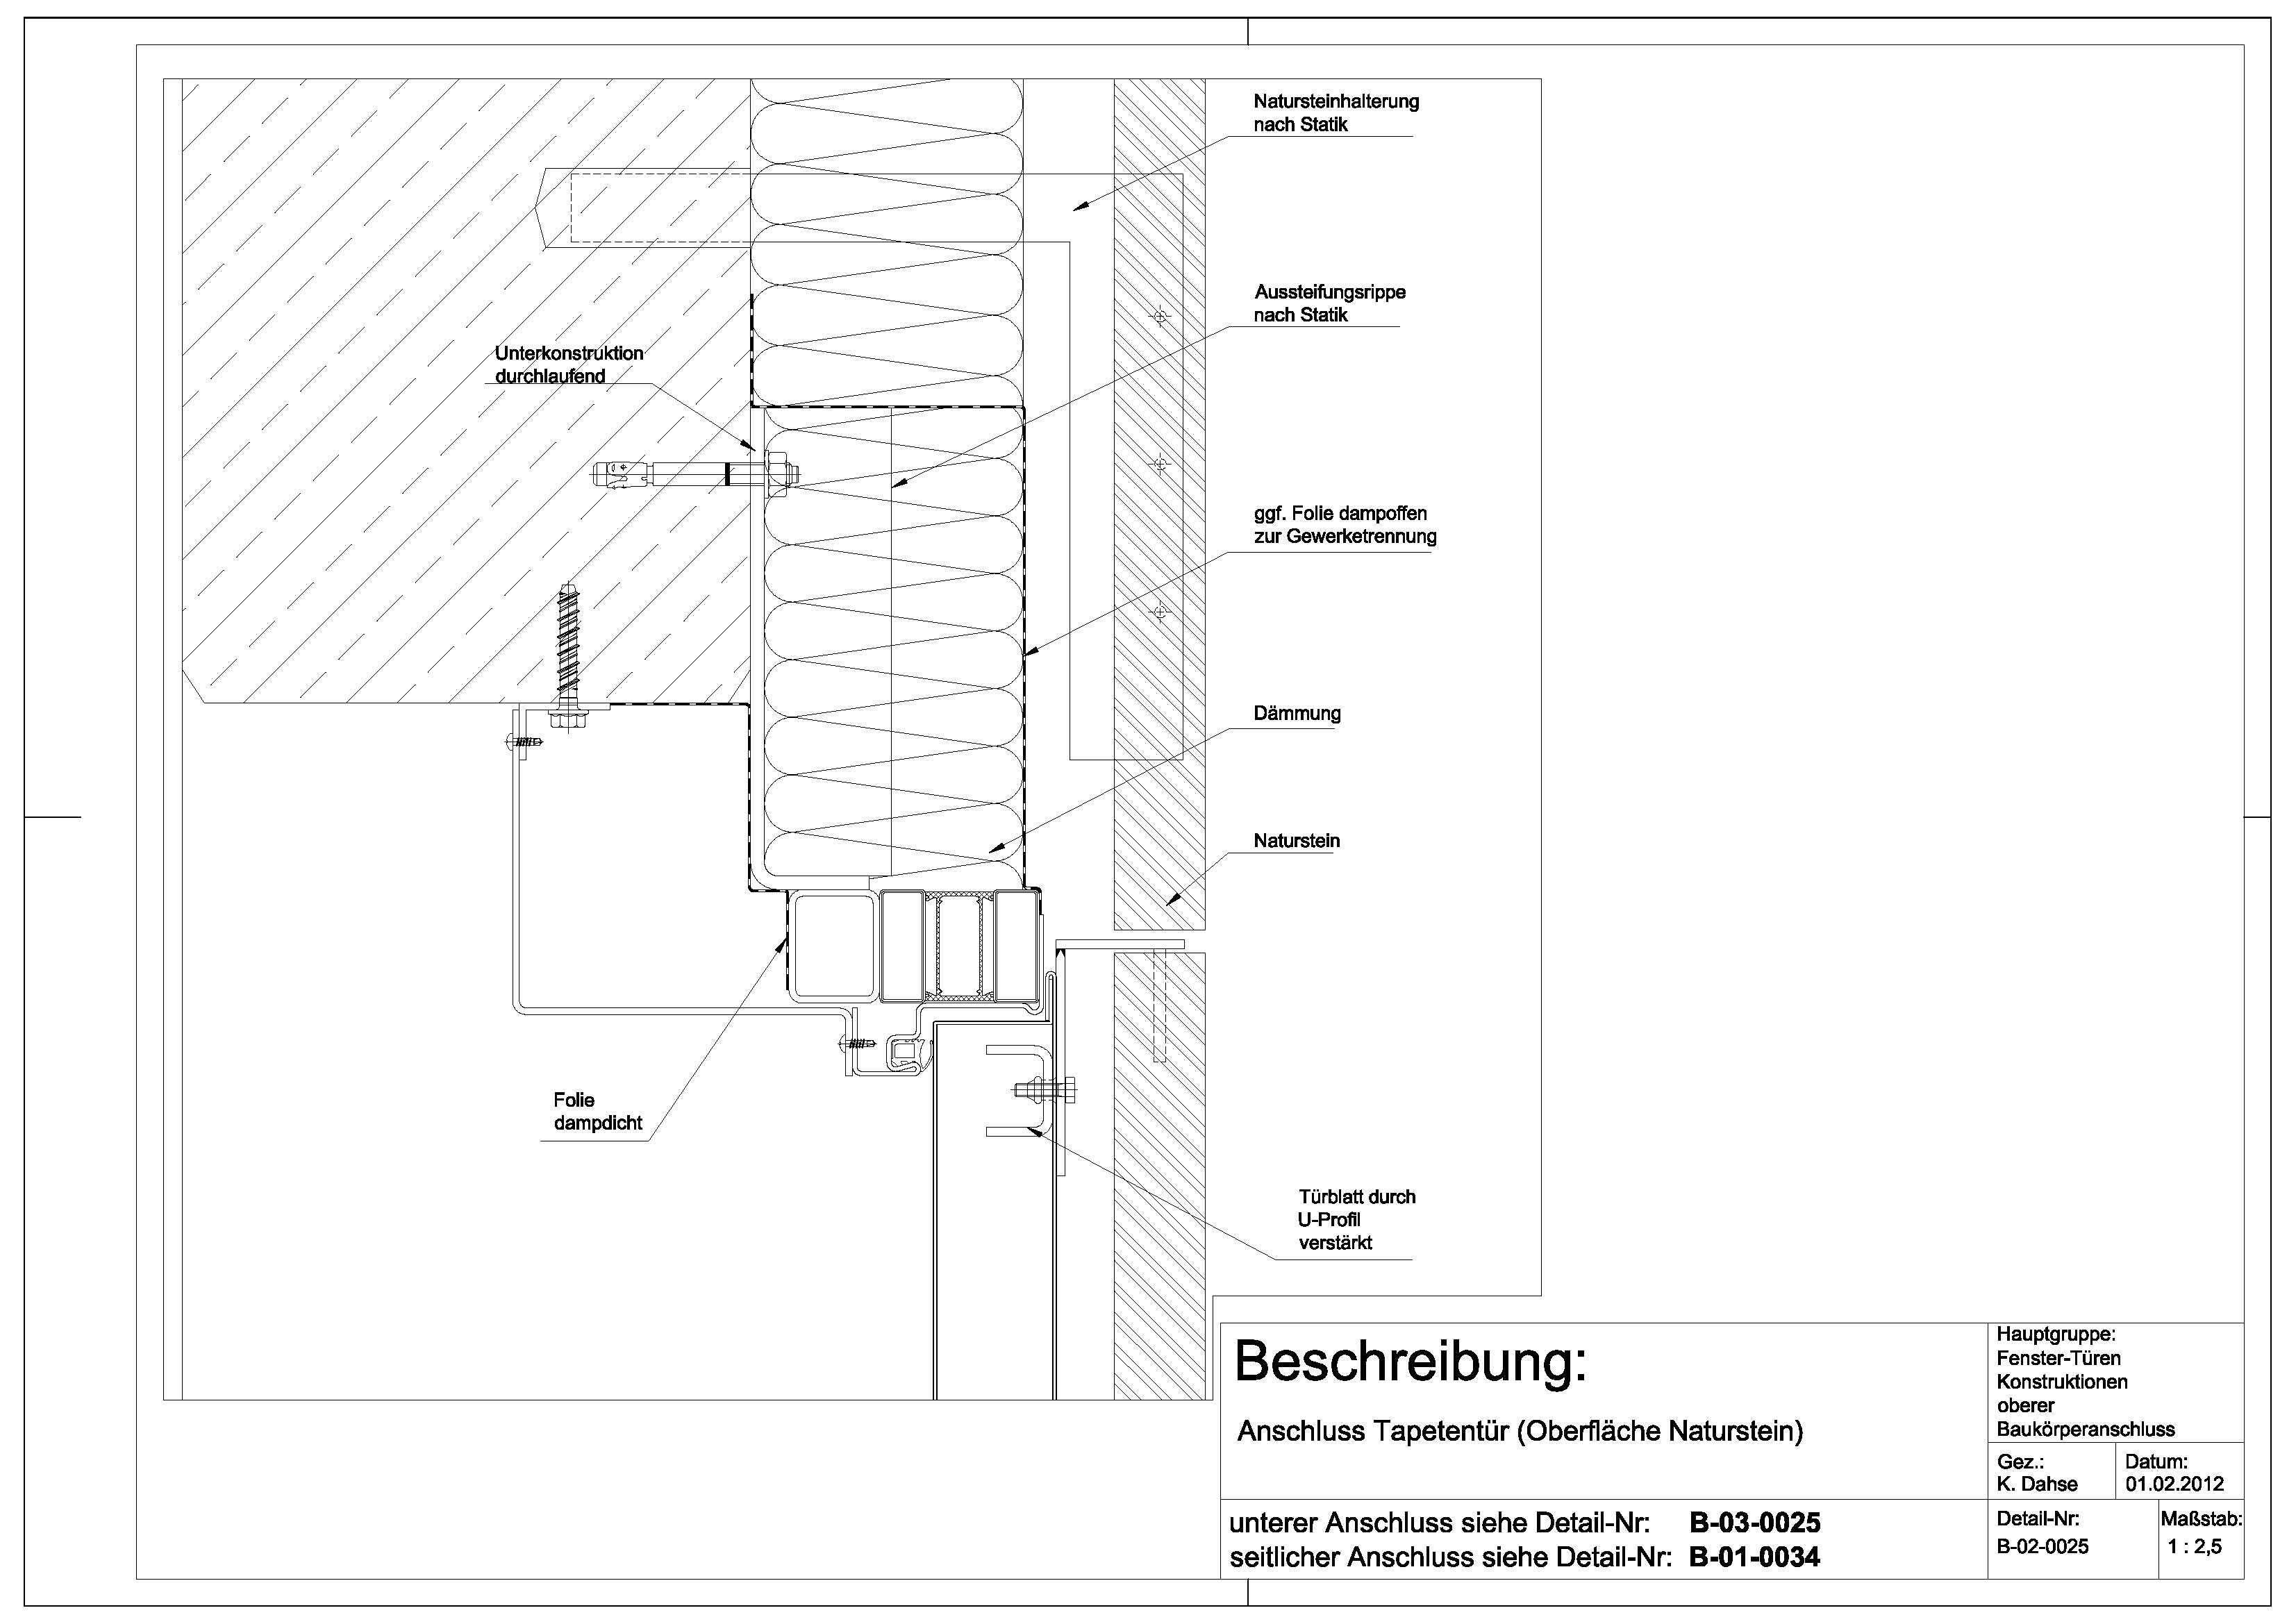 Tapetentür b 02 0025 anschluss tapetentür oberfläche naturstein architektur